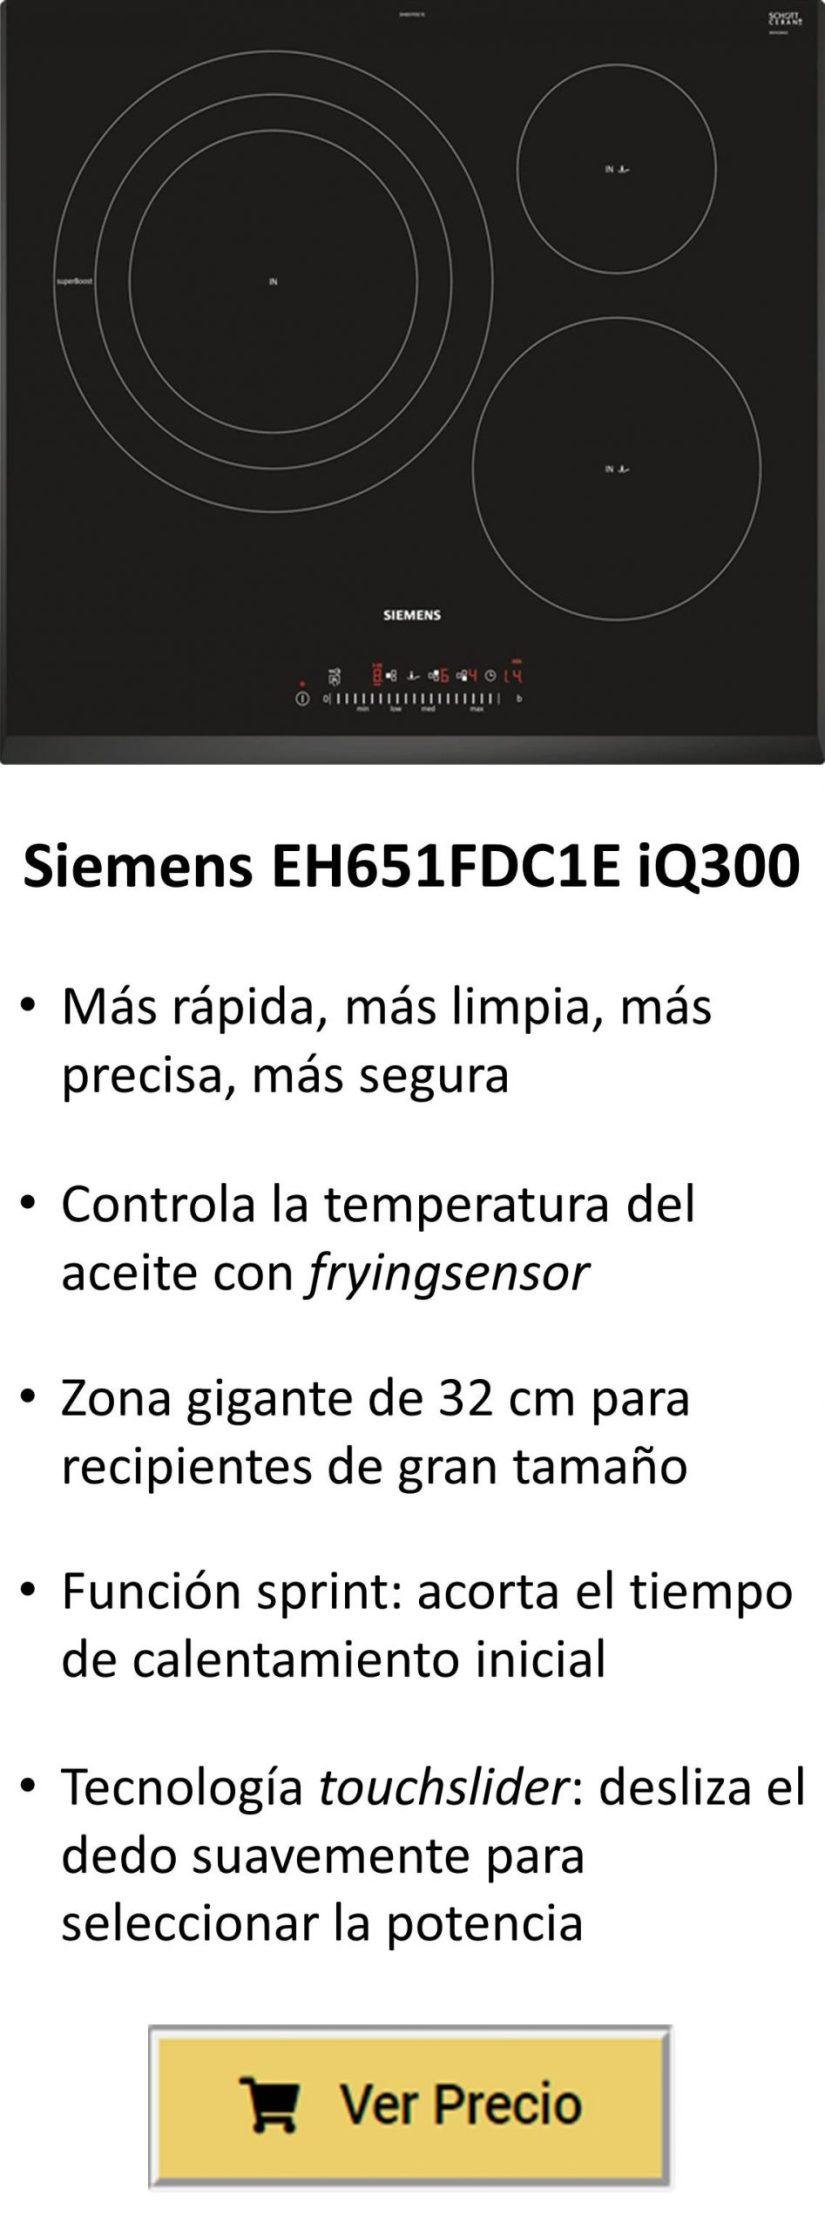 SIEMENS EH651FDC1E iQ300